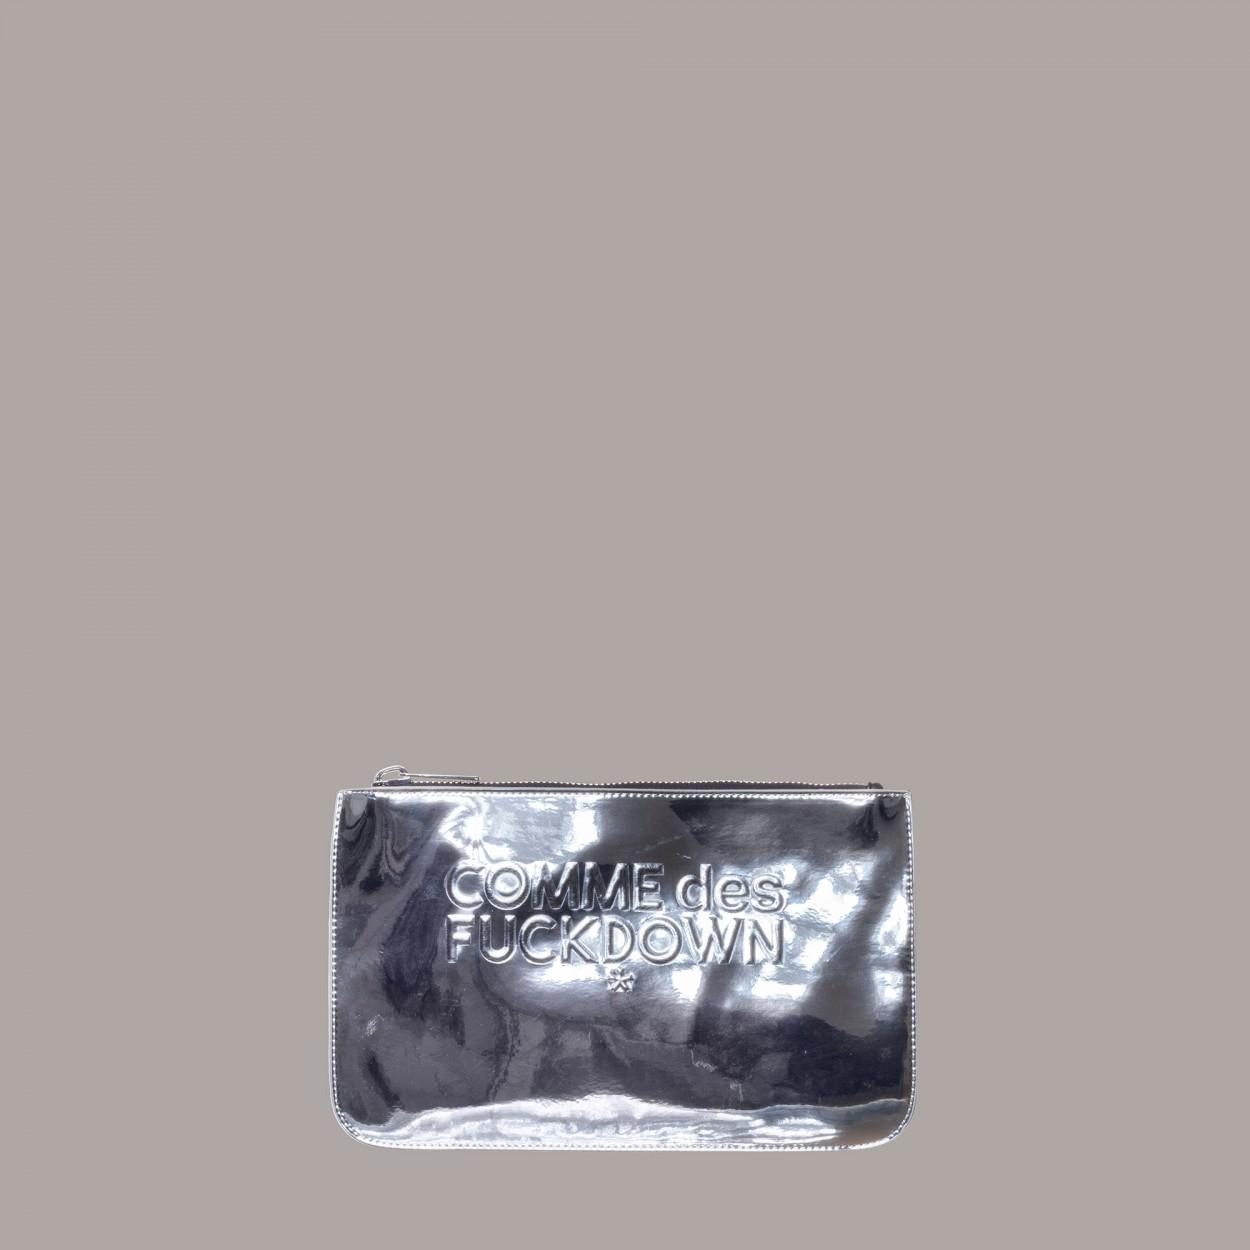 POCHETTE - CD19IA17AN - COMME DES FKDOWN